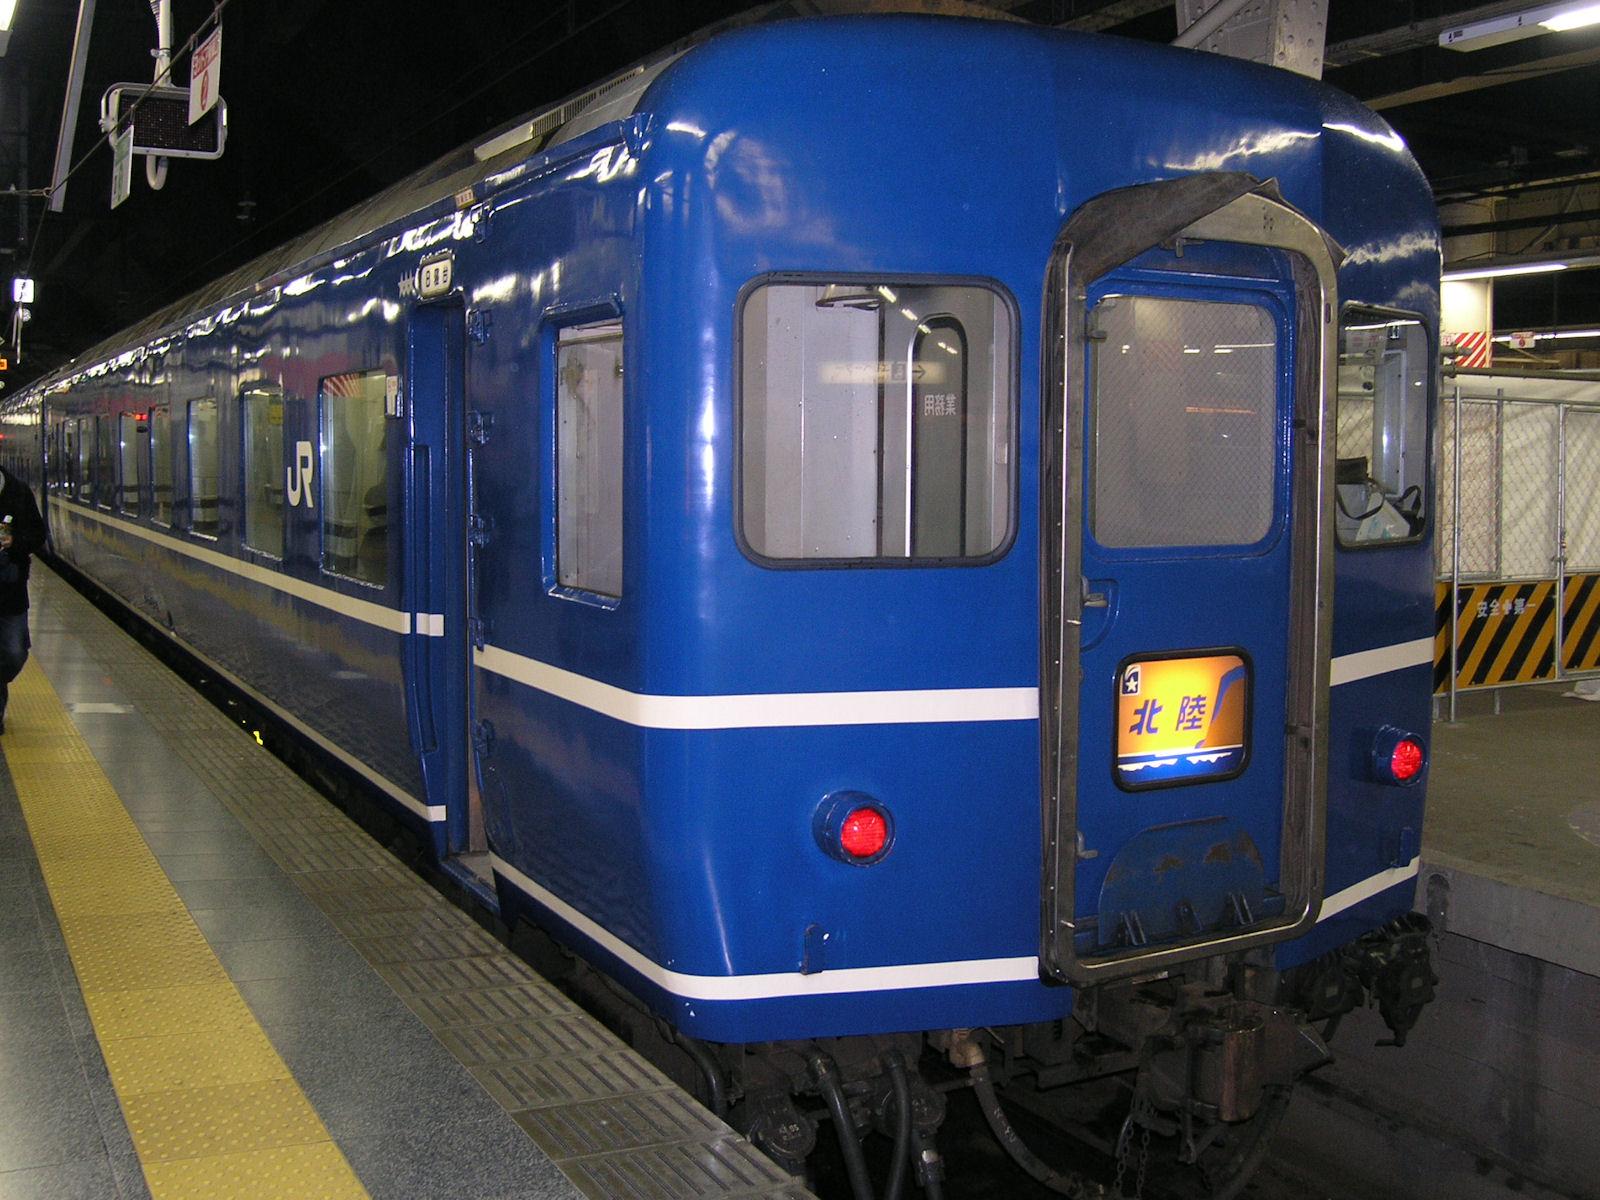 寝台特急北陸号14系客車(JPG-373k)